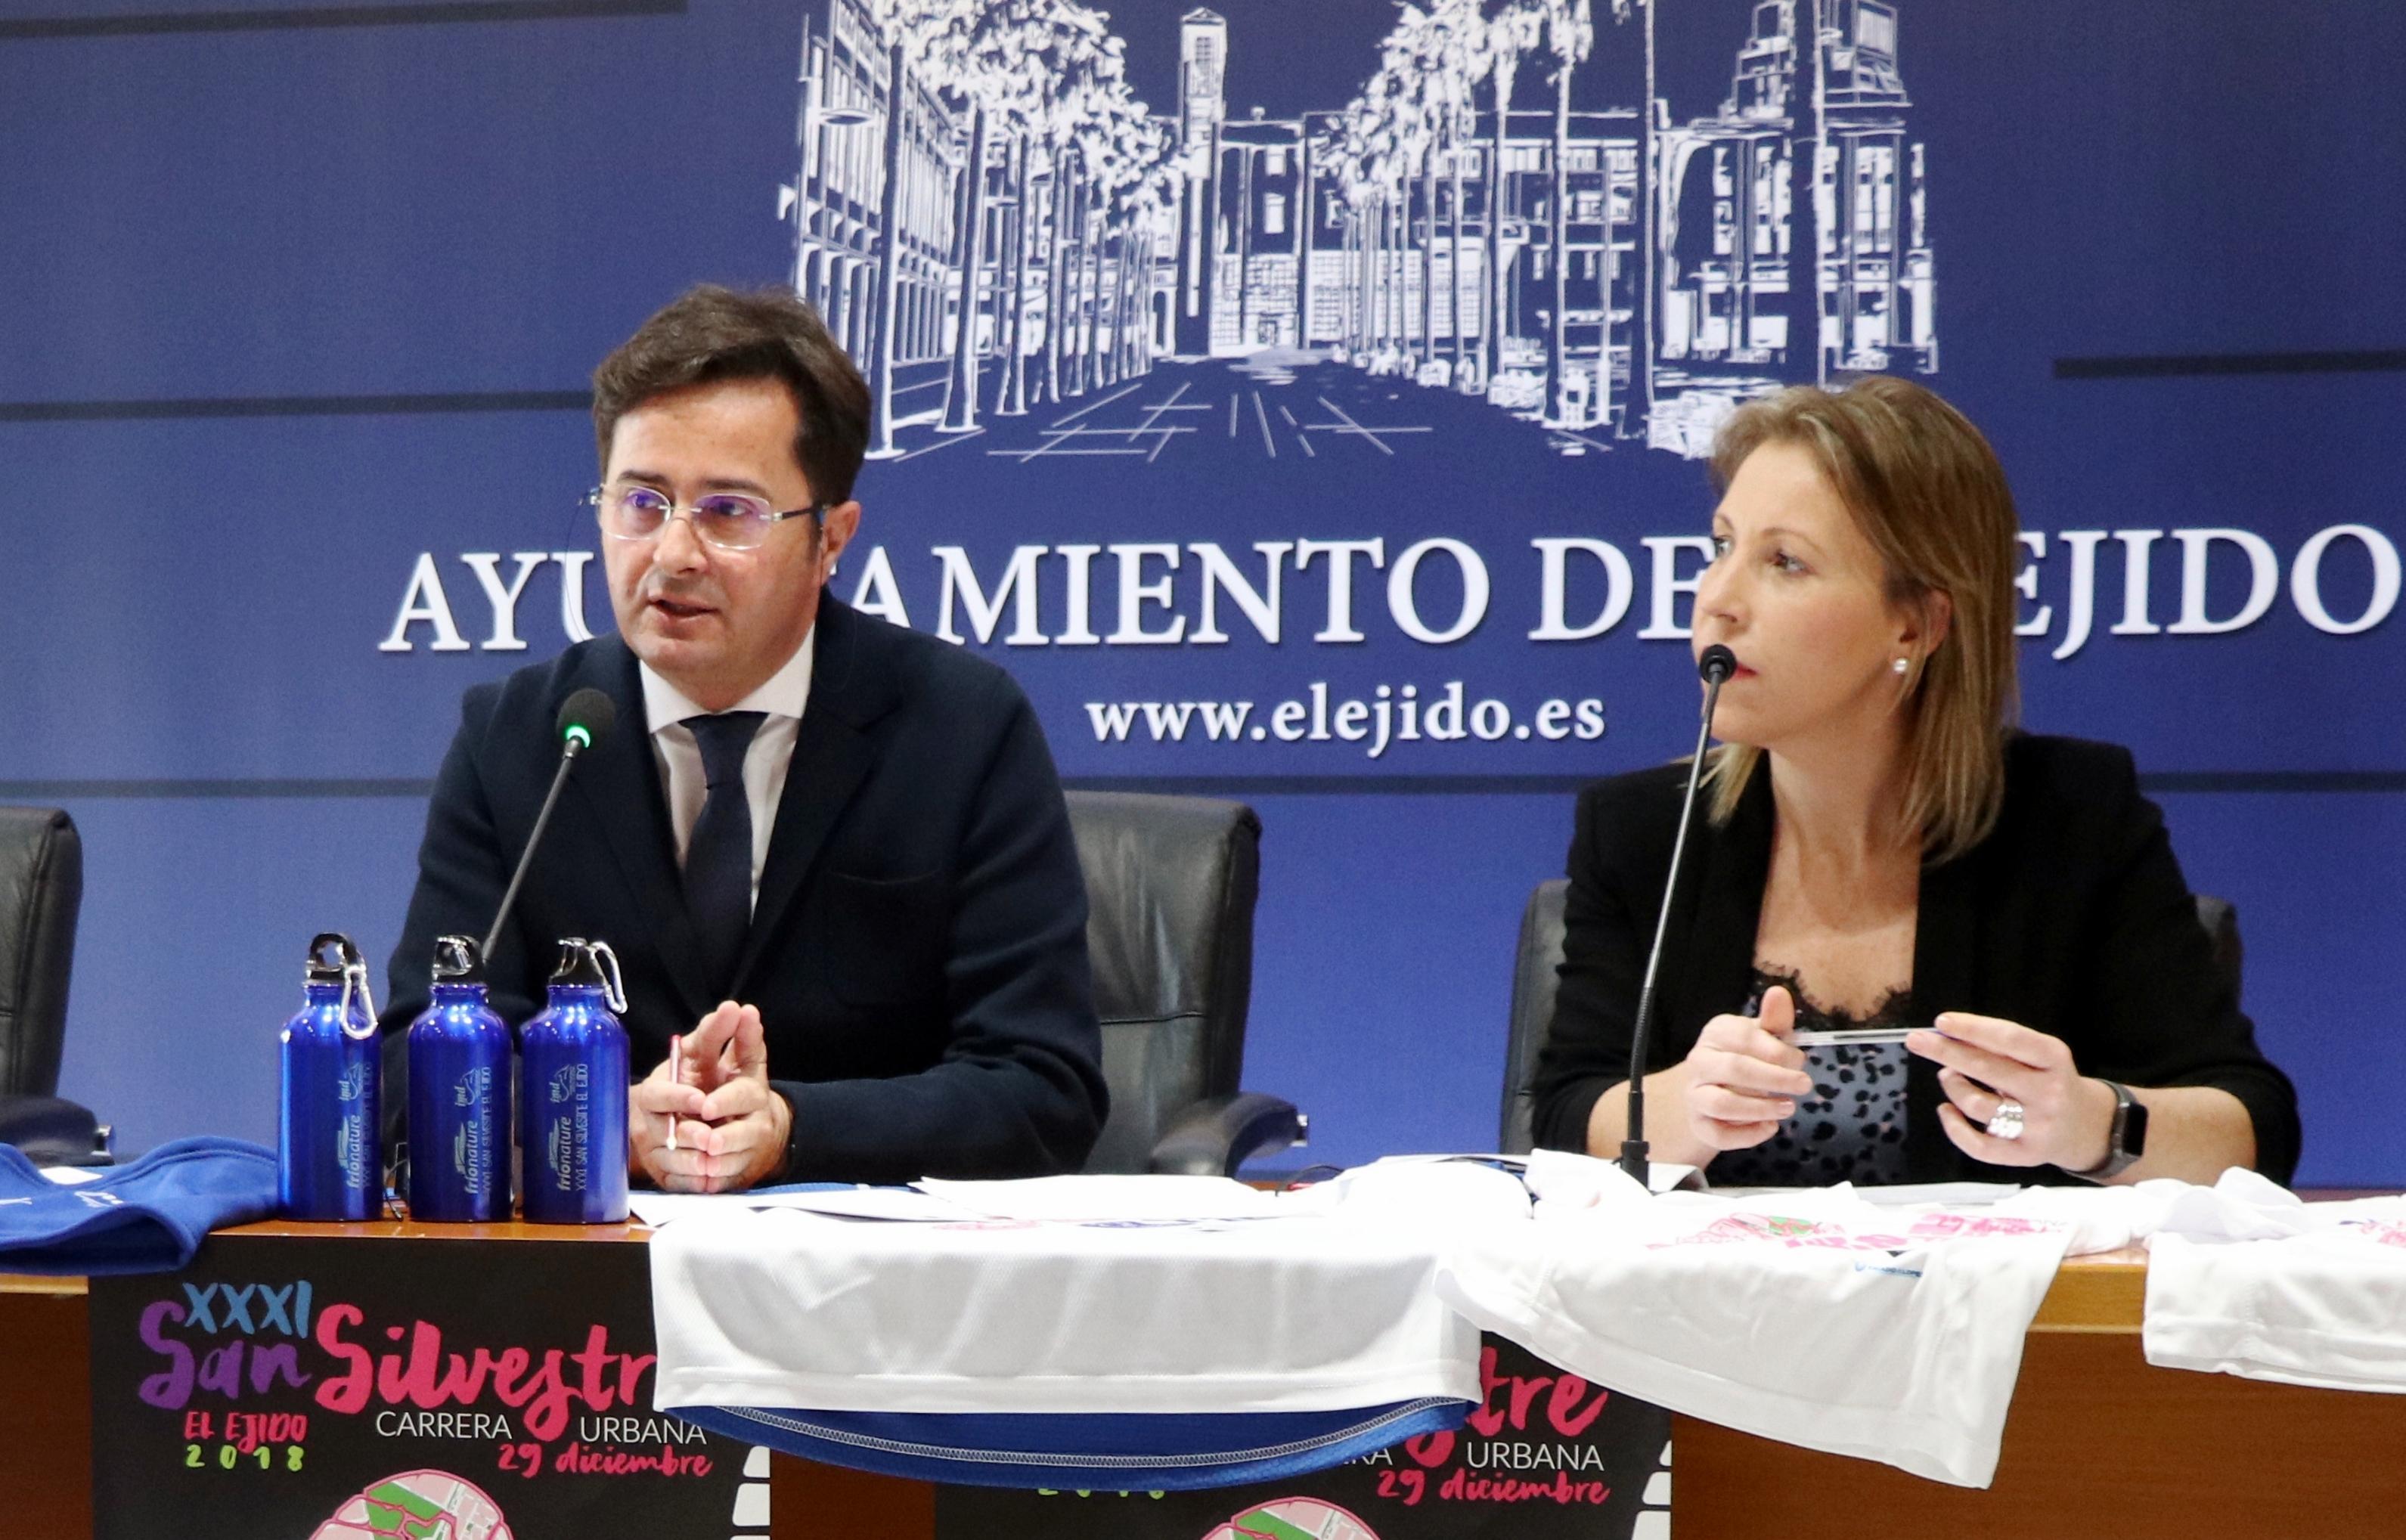 La Junta de Gobierno da luz verde a la convocatoria de patrocinio para la XXXII edición de la Carrera San Silvestre que se celebrará el 28 de diciembre